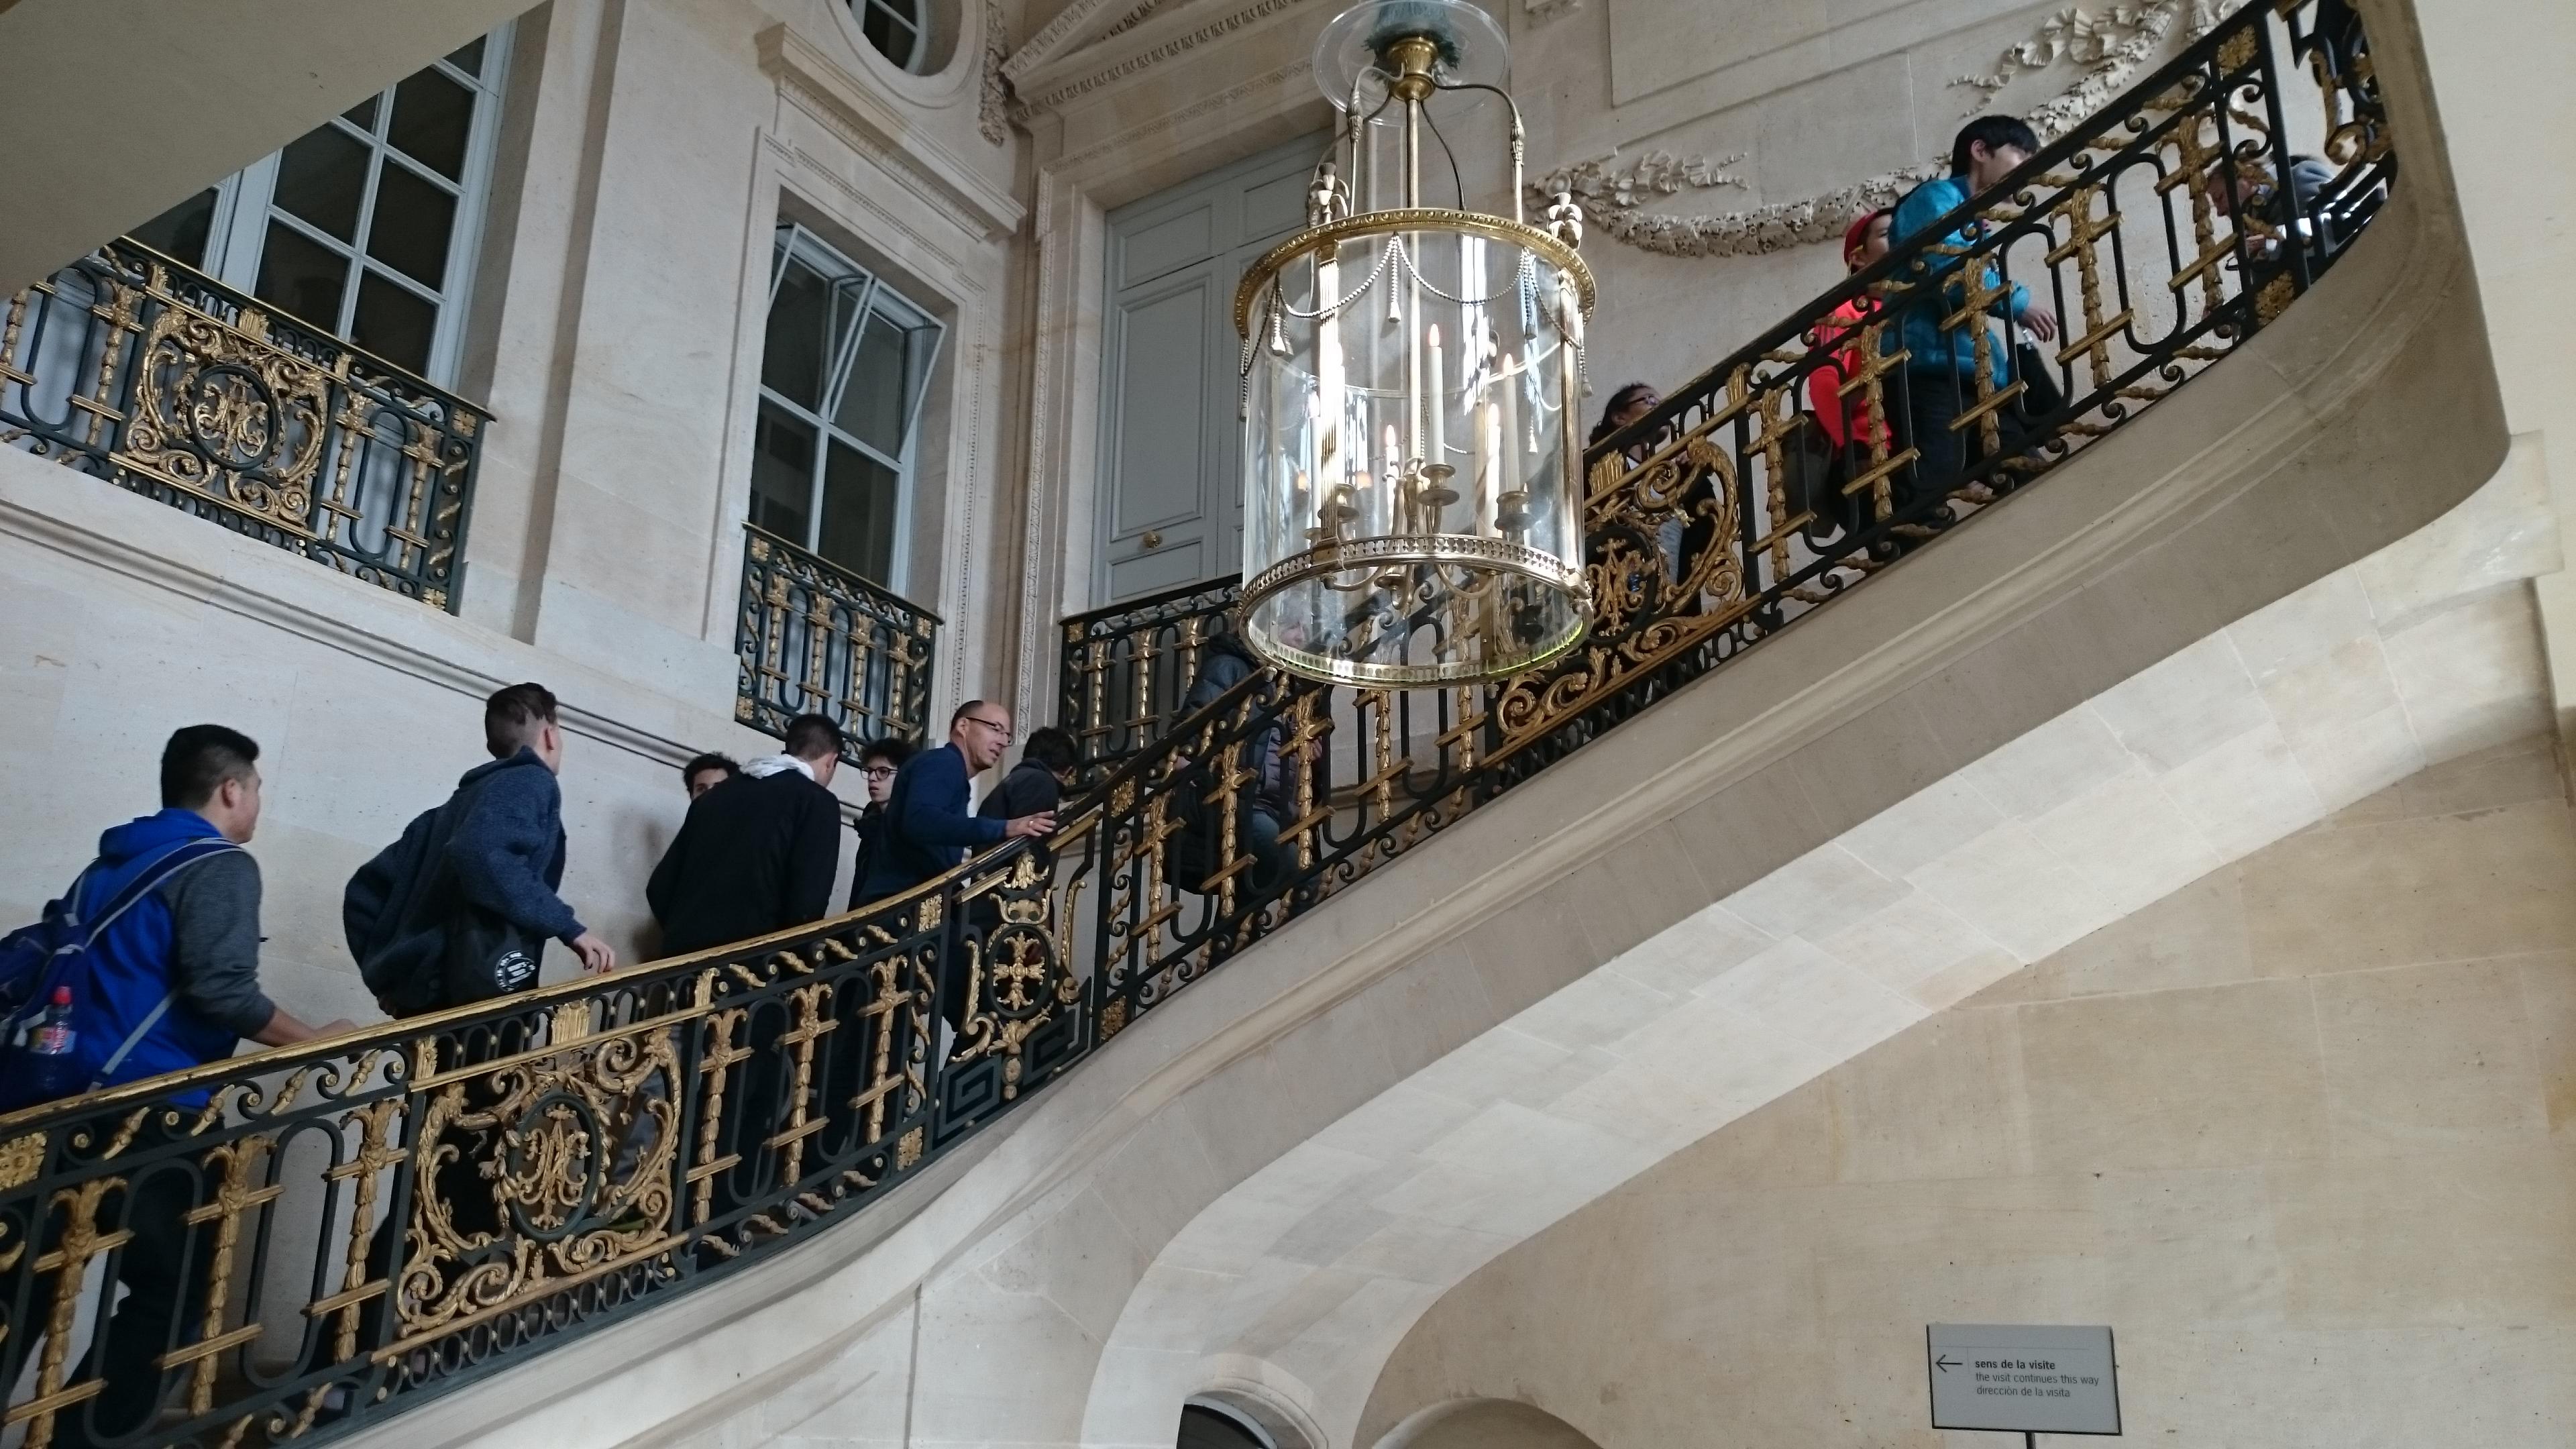 dsc 1258 copia - Visita al Palacio de Versalles: Como ir, cuanto cuesta y tips II/III